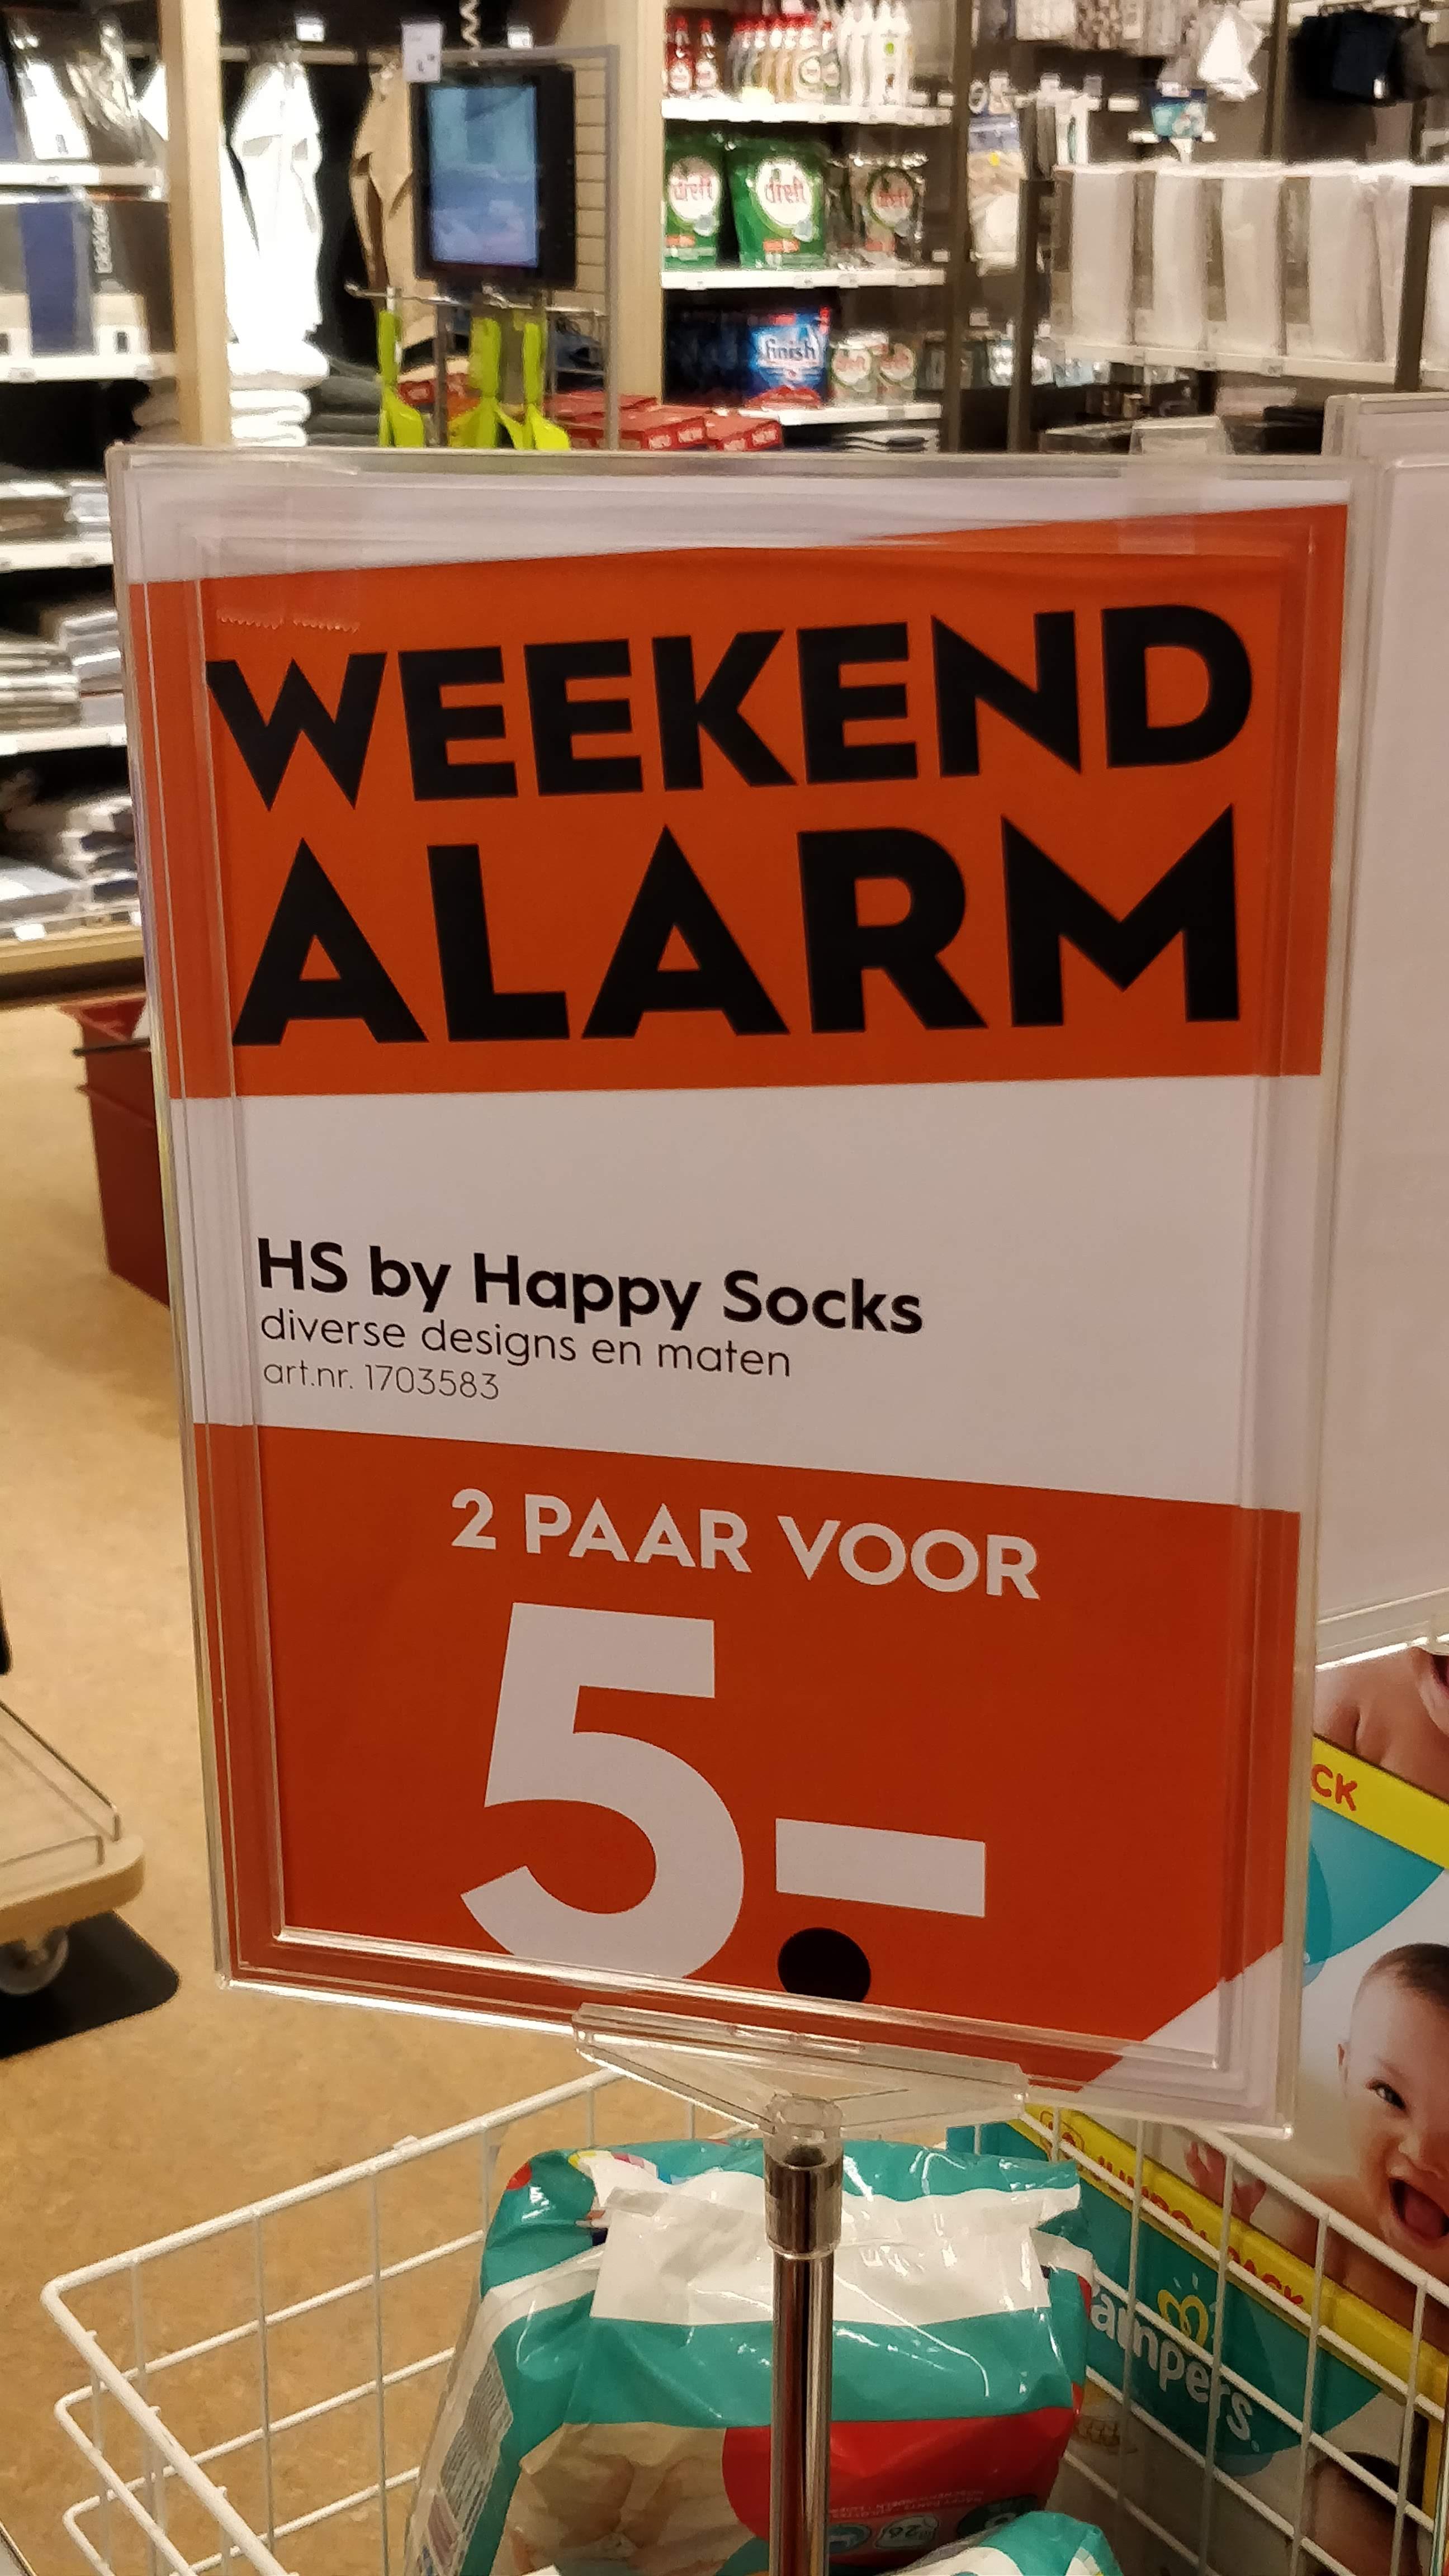 Happy Socks: 2 paar voor 5 euro @Blokker